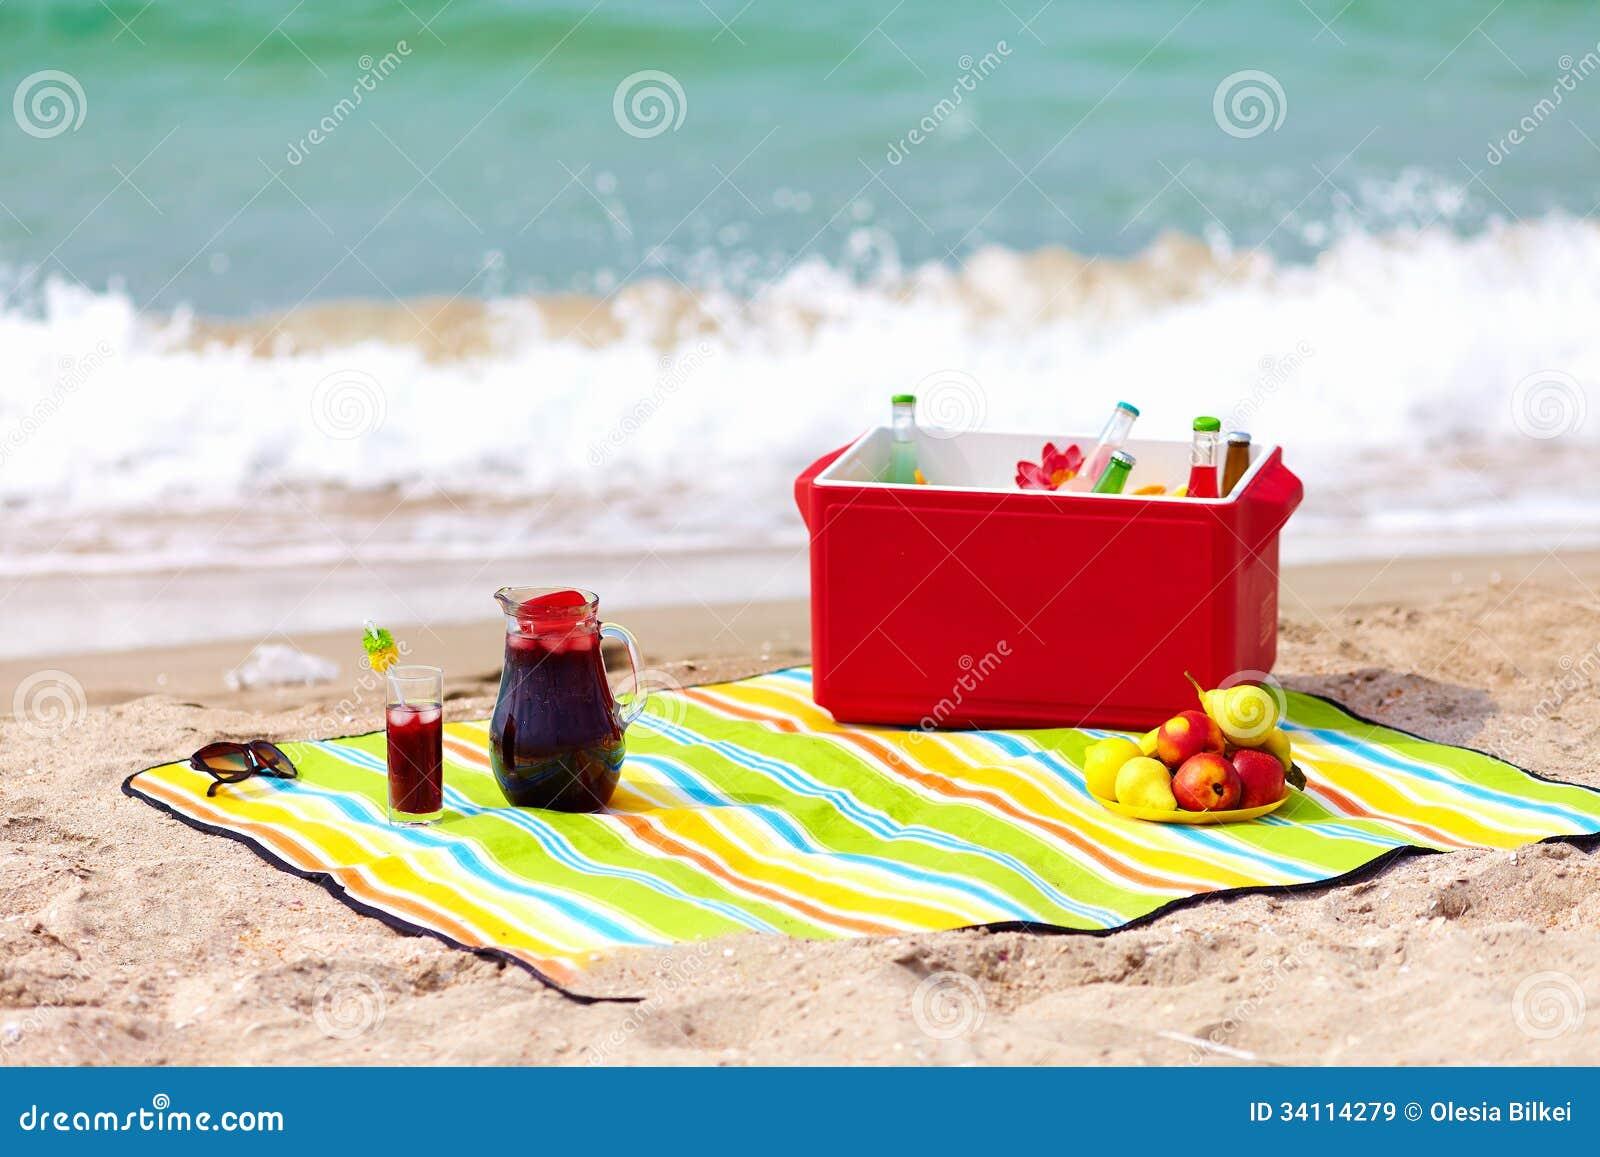 pique nique sur la plage images libres de droits image. Black Bedroom Furniture Sets. Home Design Ideas